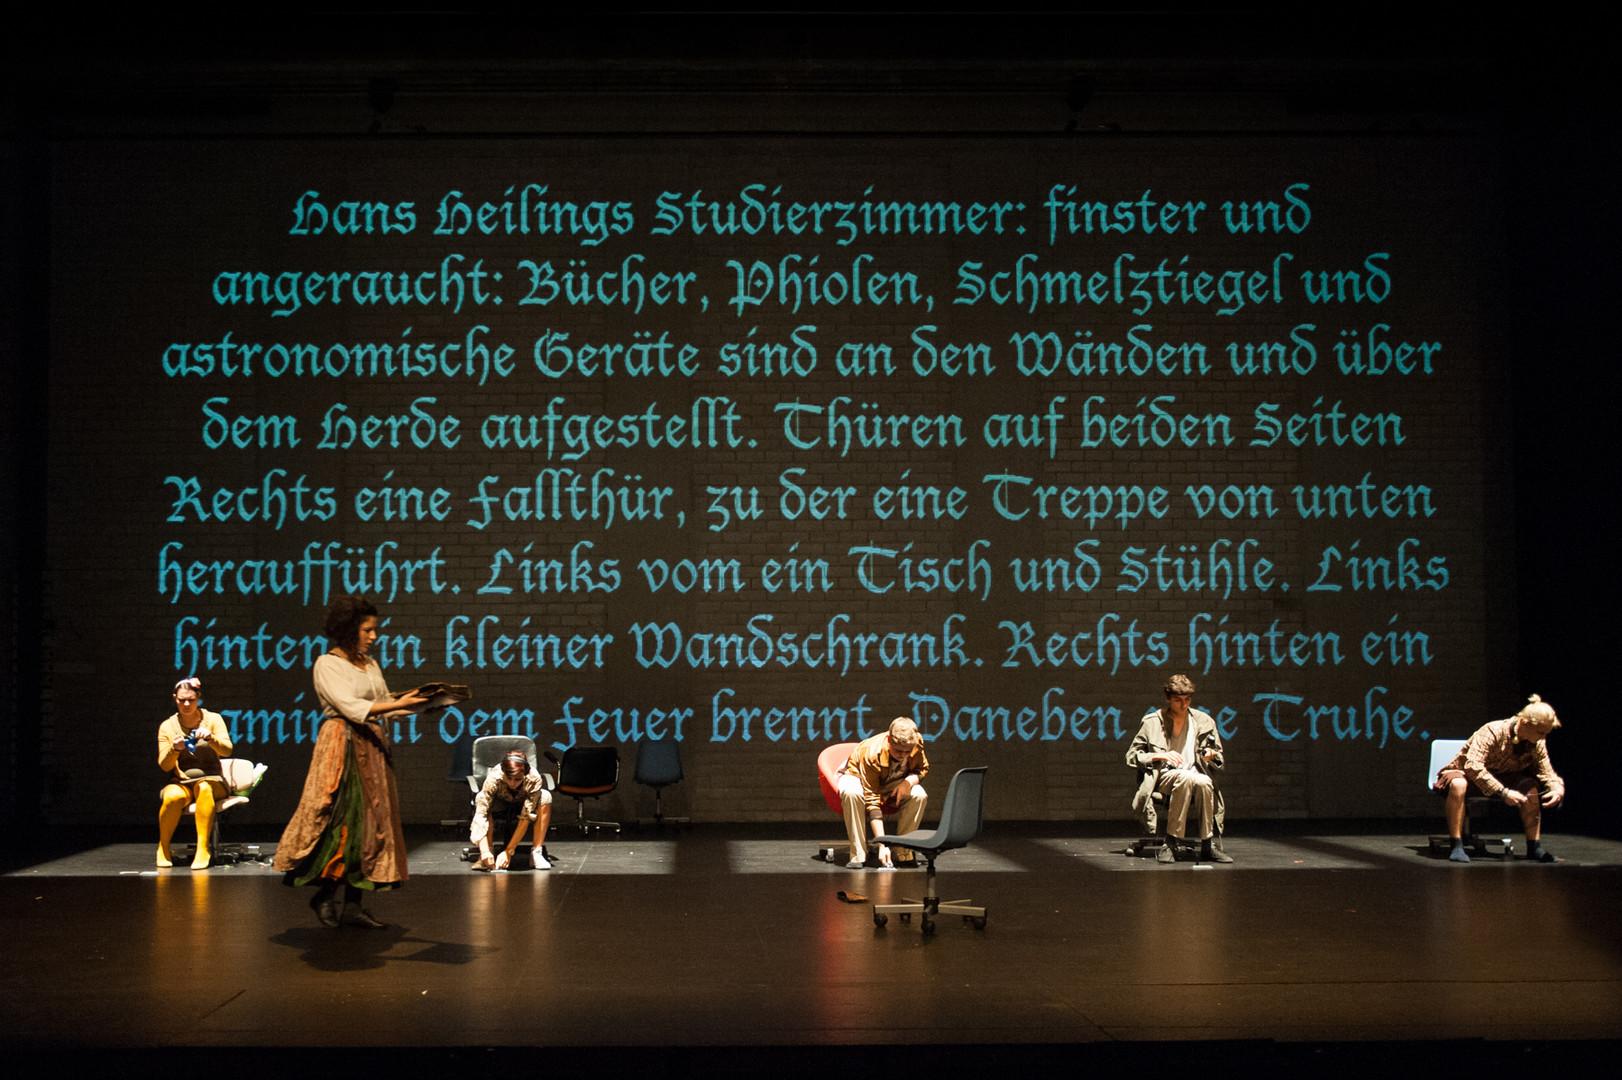 03_HANS_HEILING_©_Susanna_Drescher.jpg